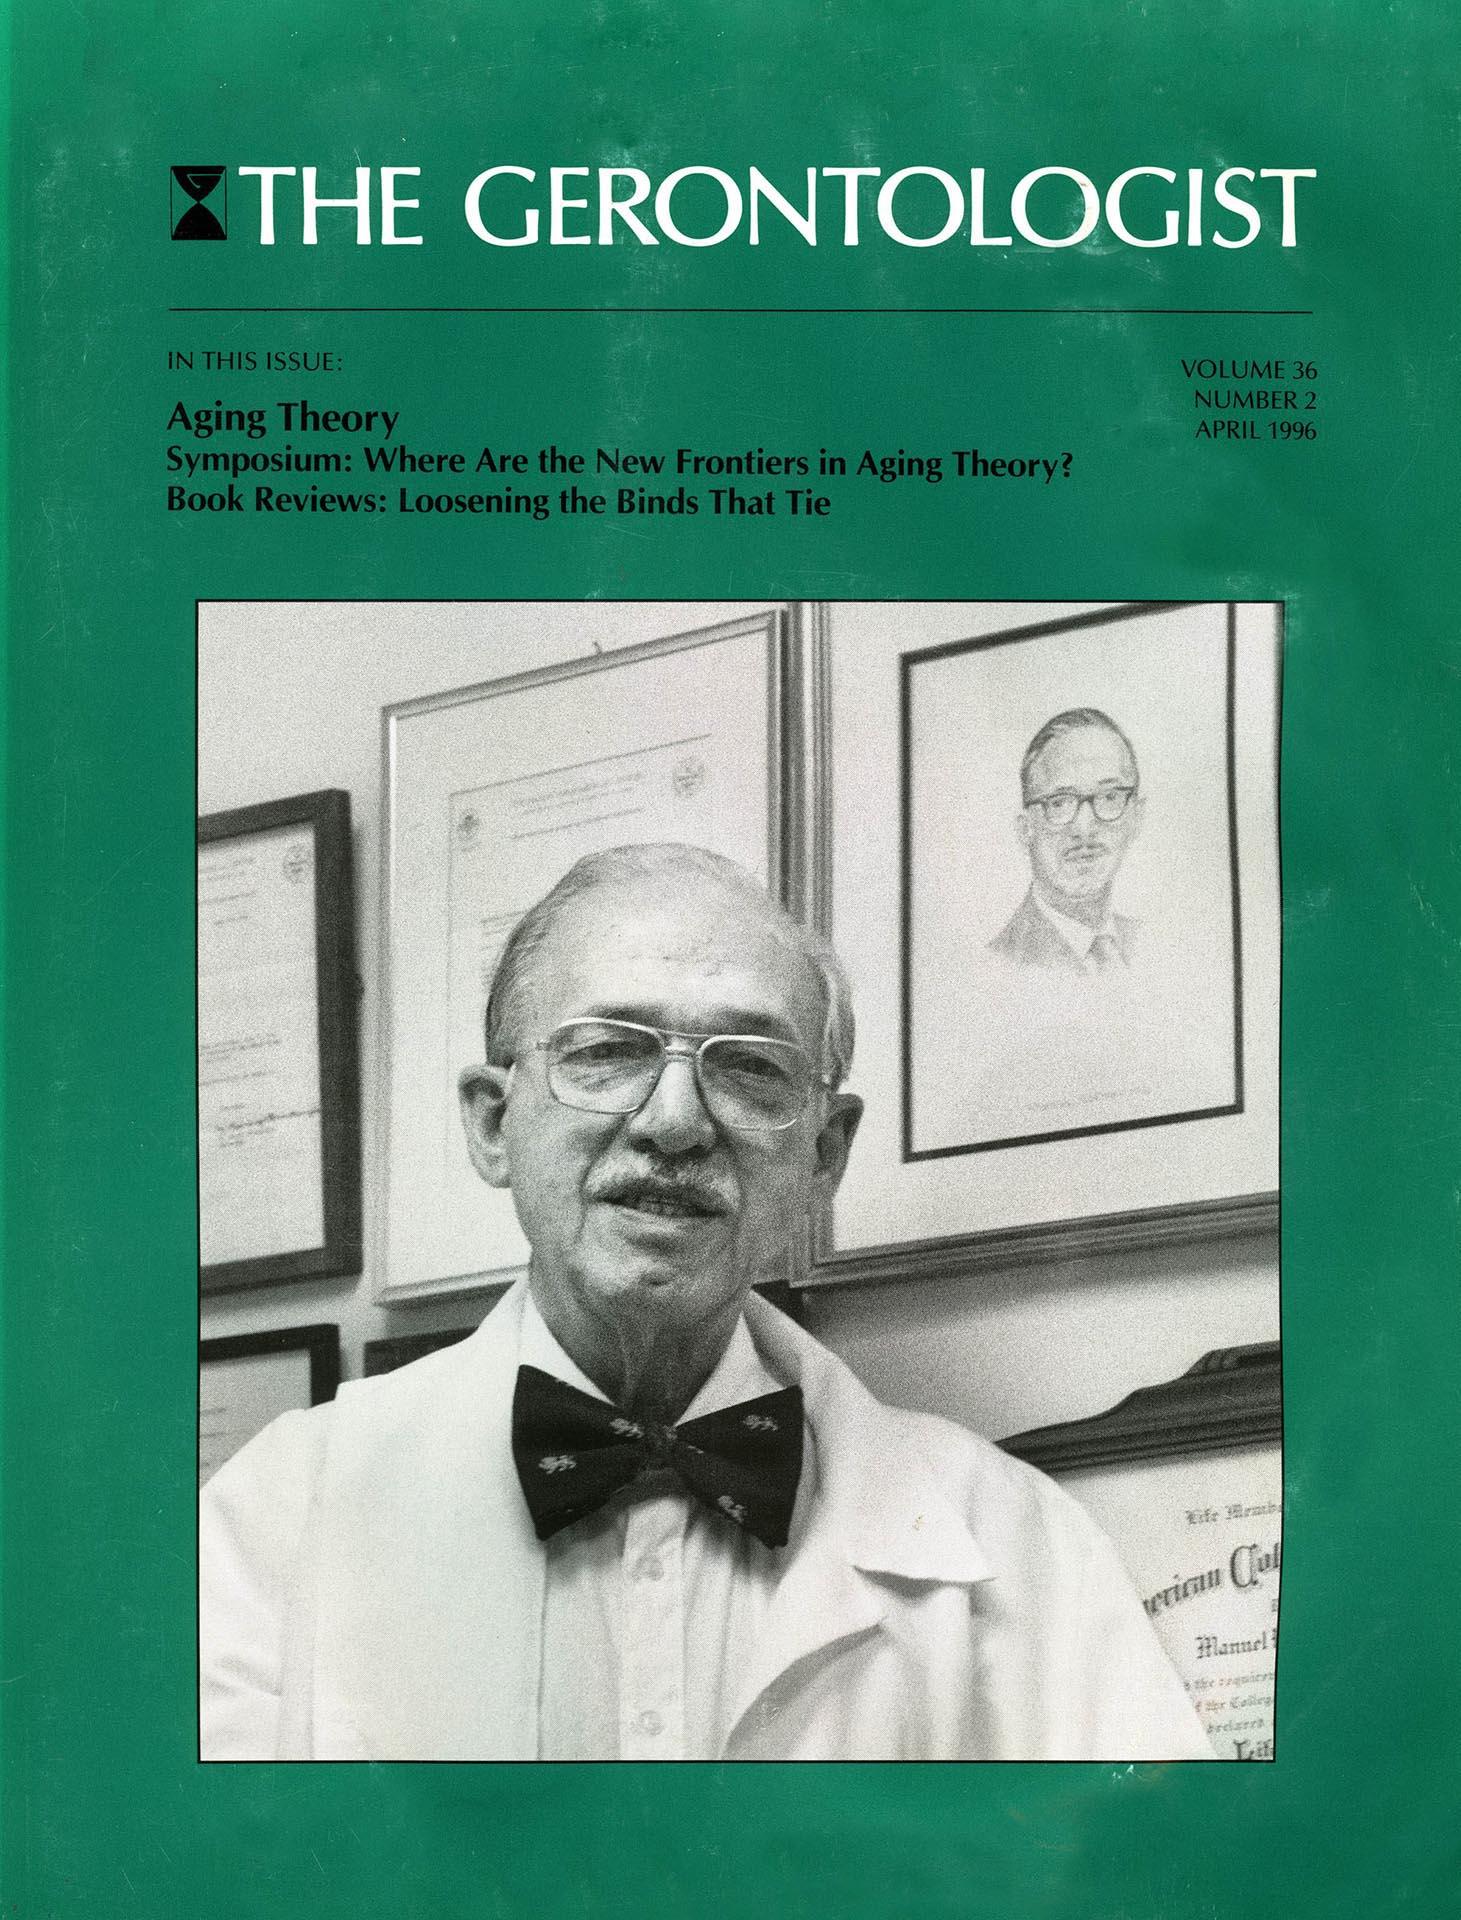 Dr. Manuel Rodstein